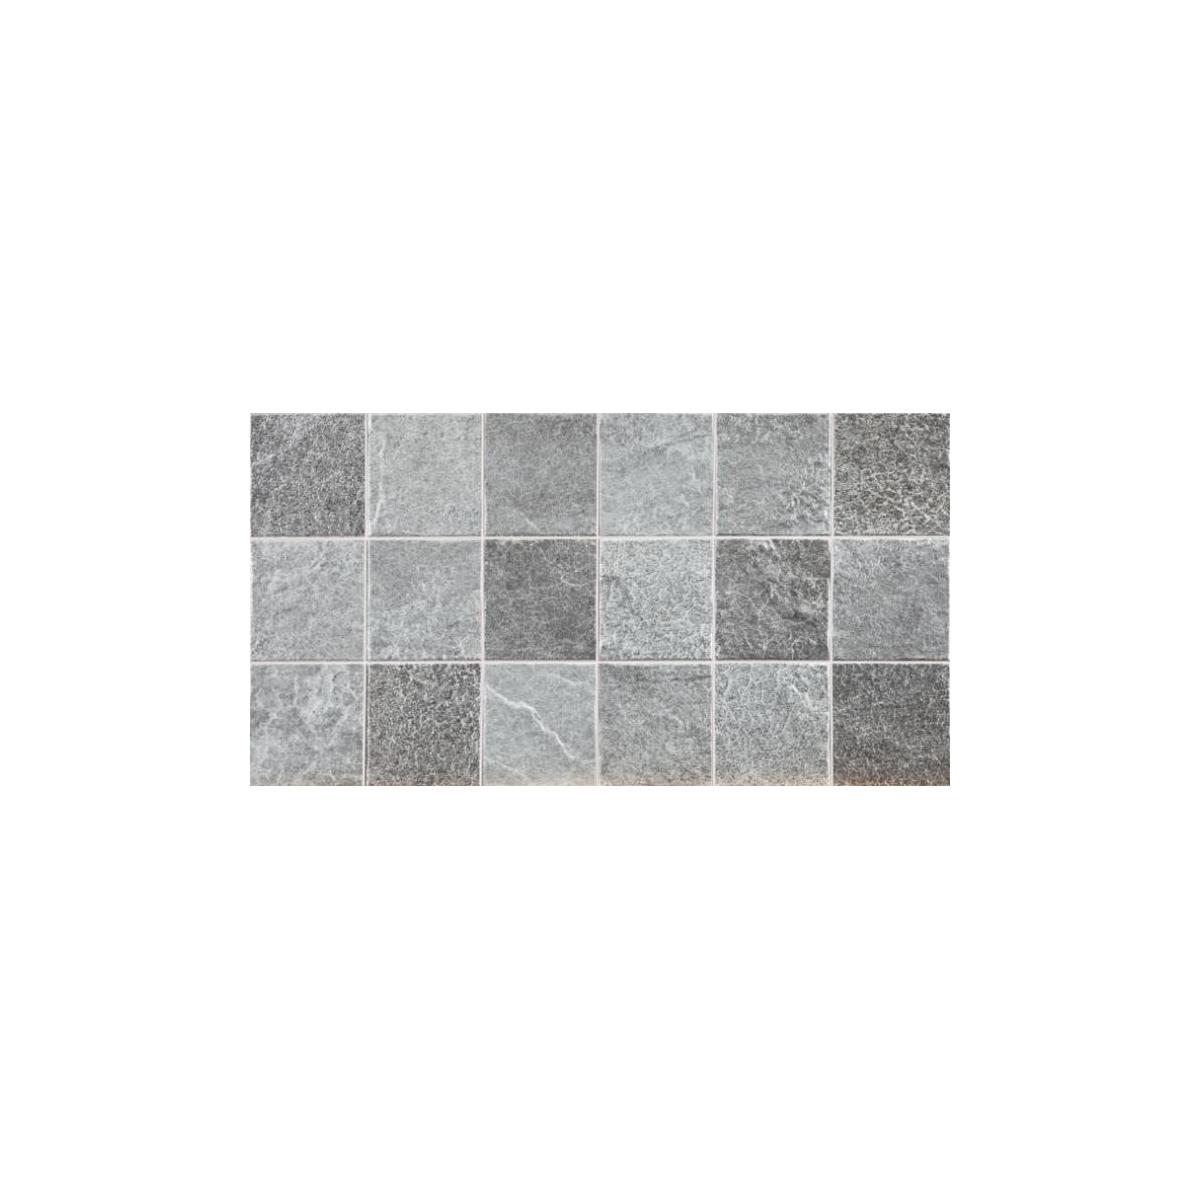 Termal Relieve Perla 31.6x60 (caja 1.33 m2)